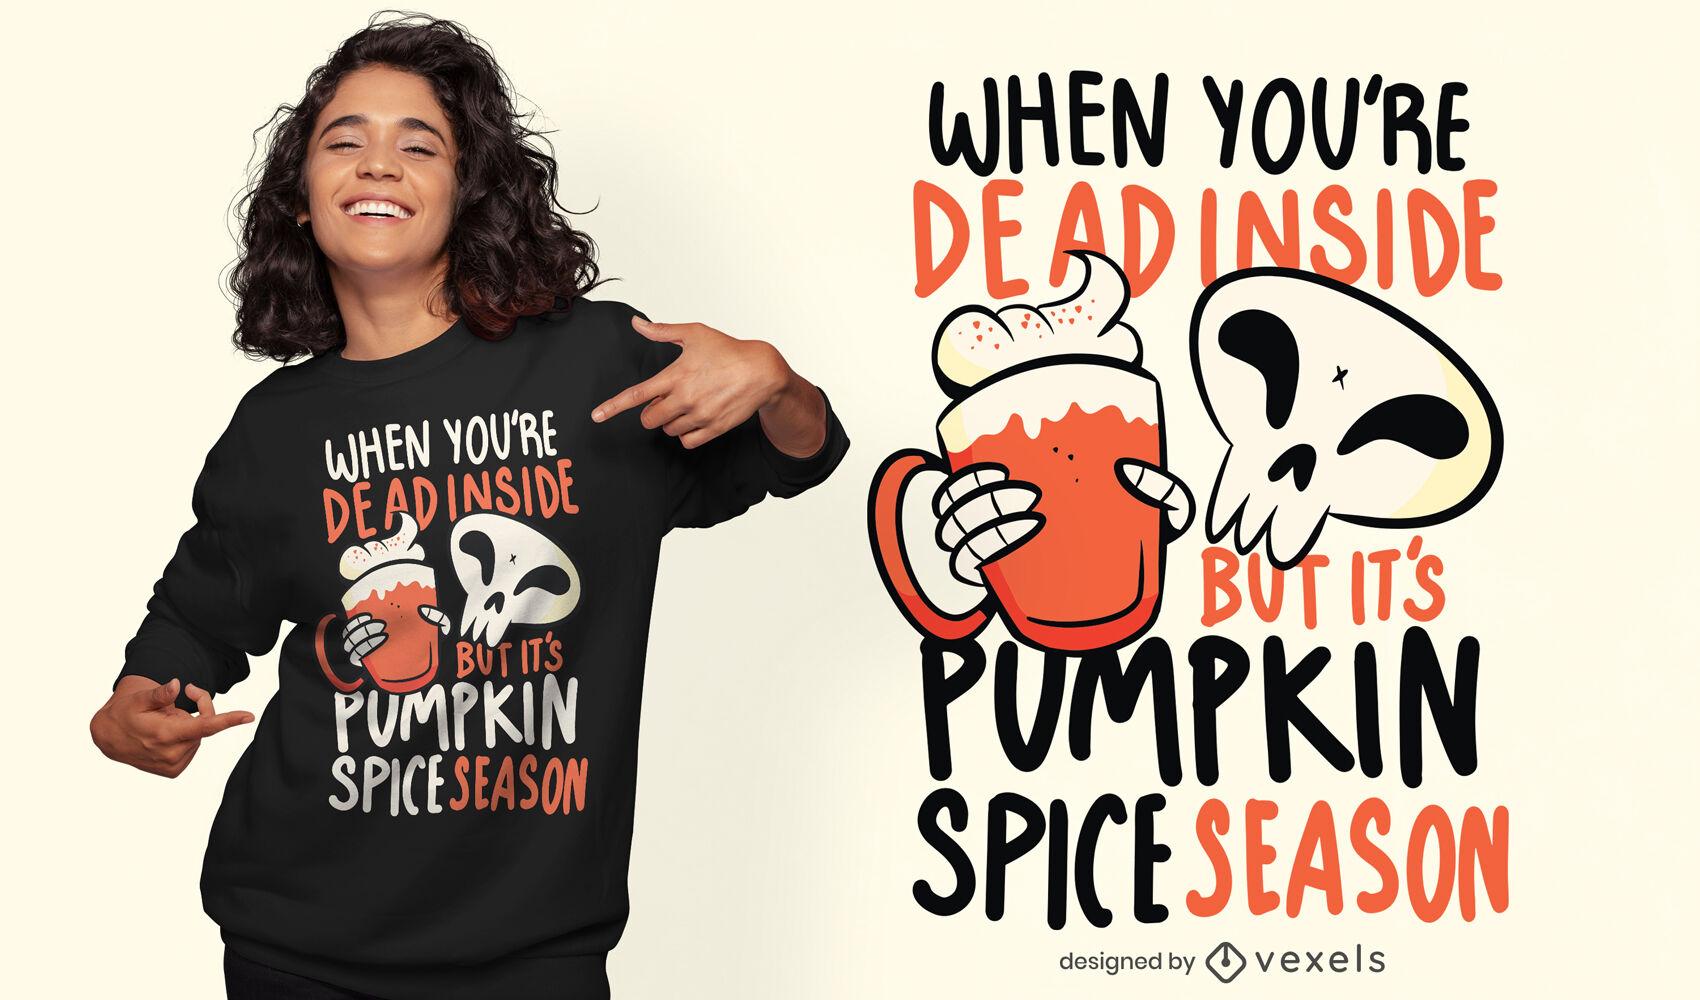 Skeleton with pumpkin drink t-shirt design